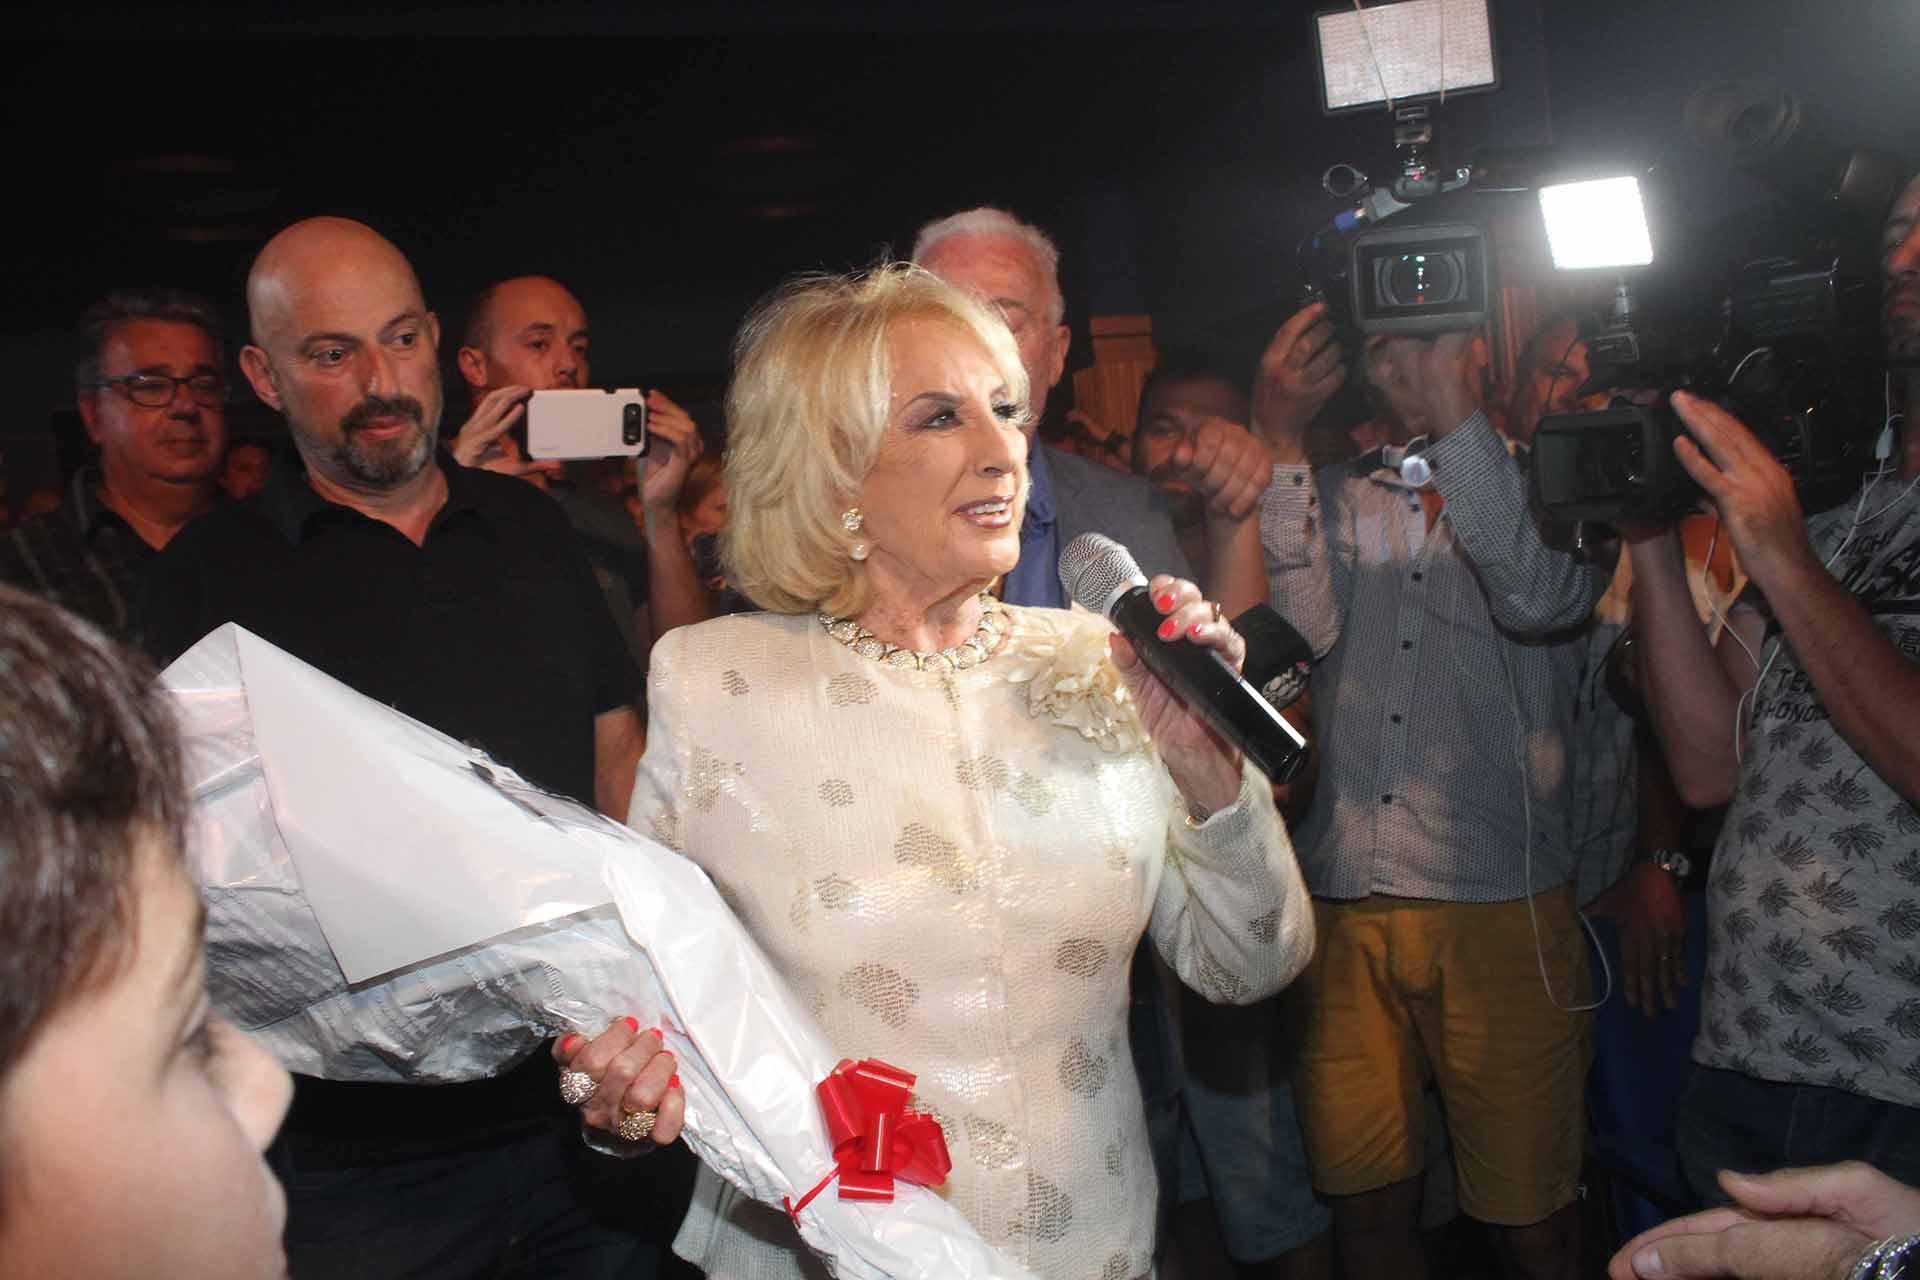 Mirtha Legrand recibbió la ovación del público y un ramo de flores por parte de la imitadora